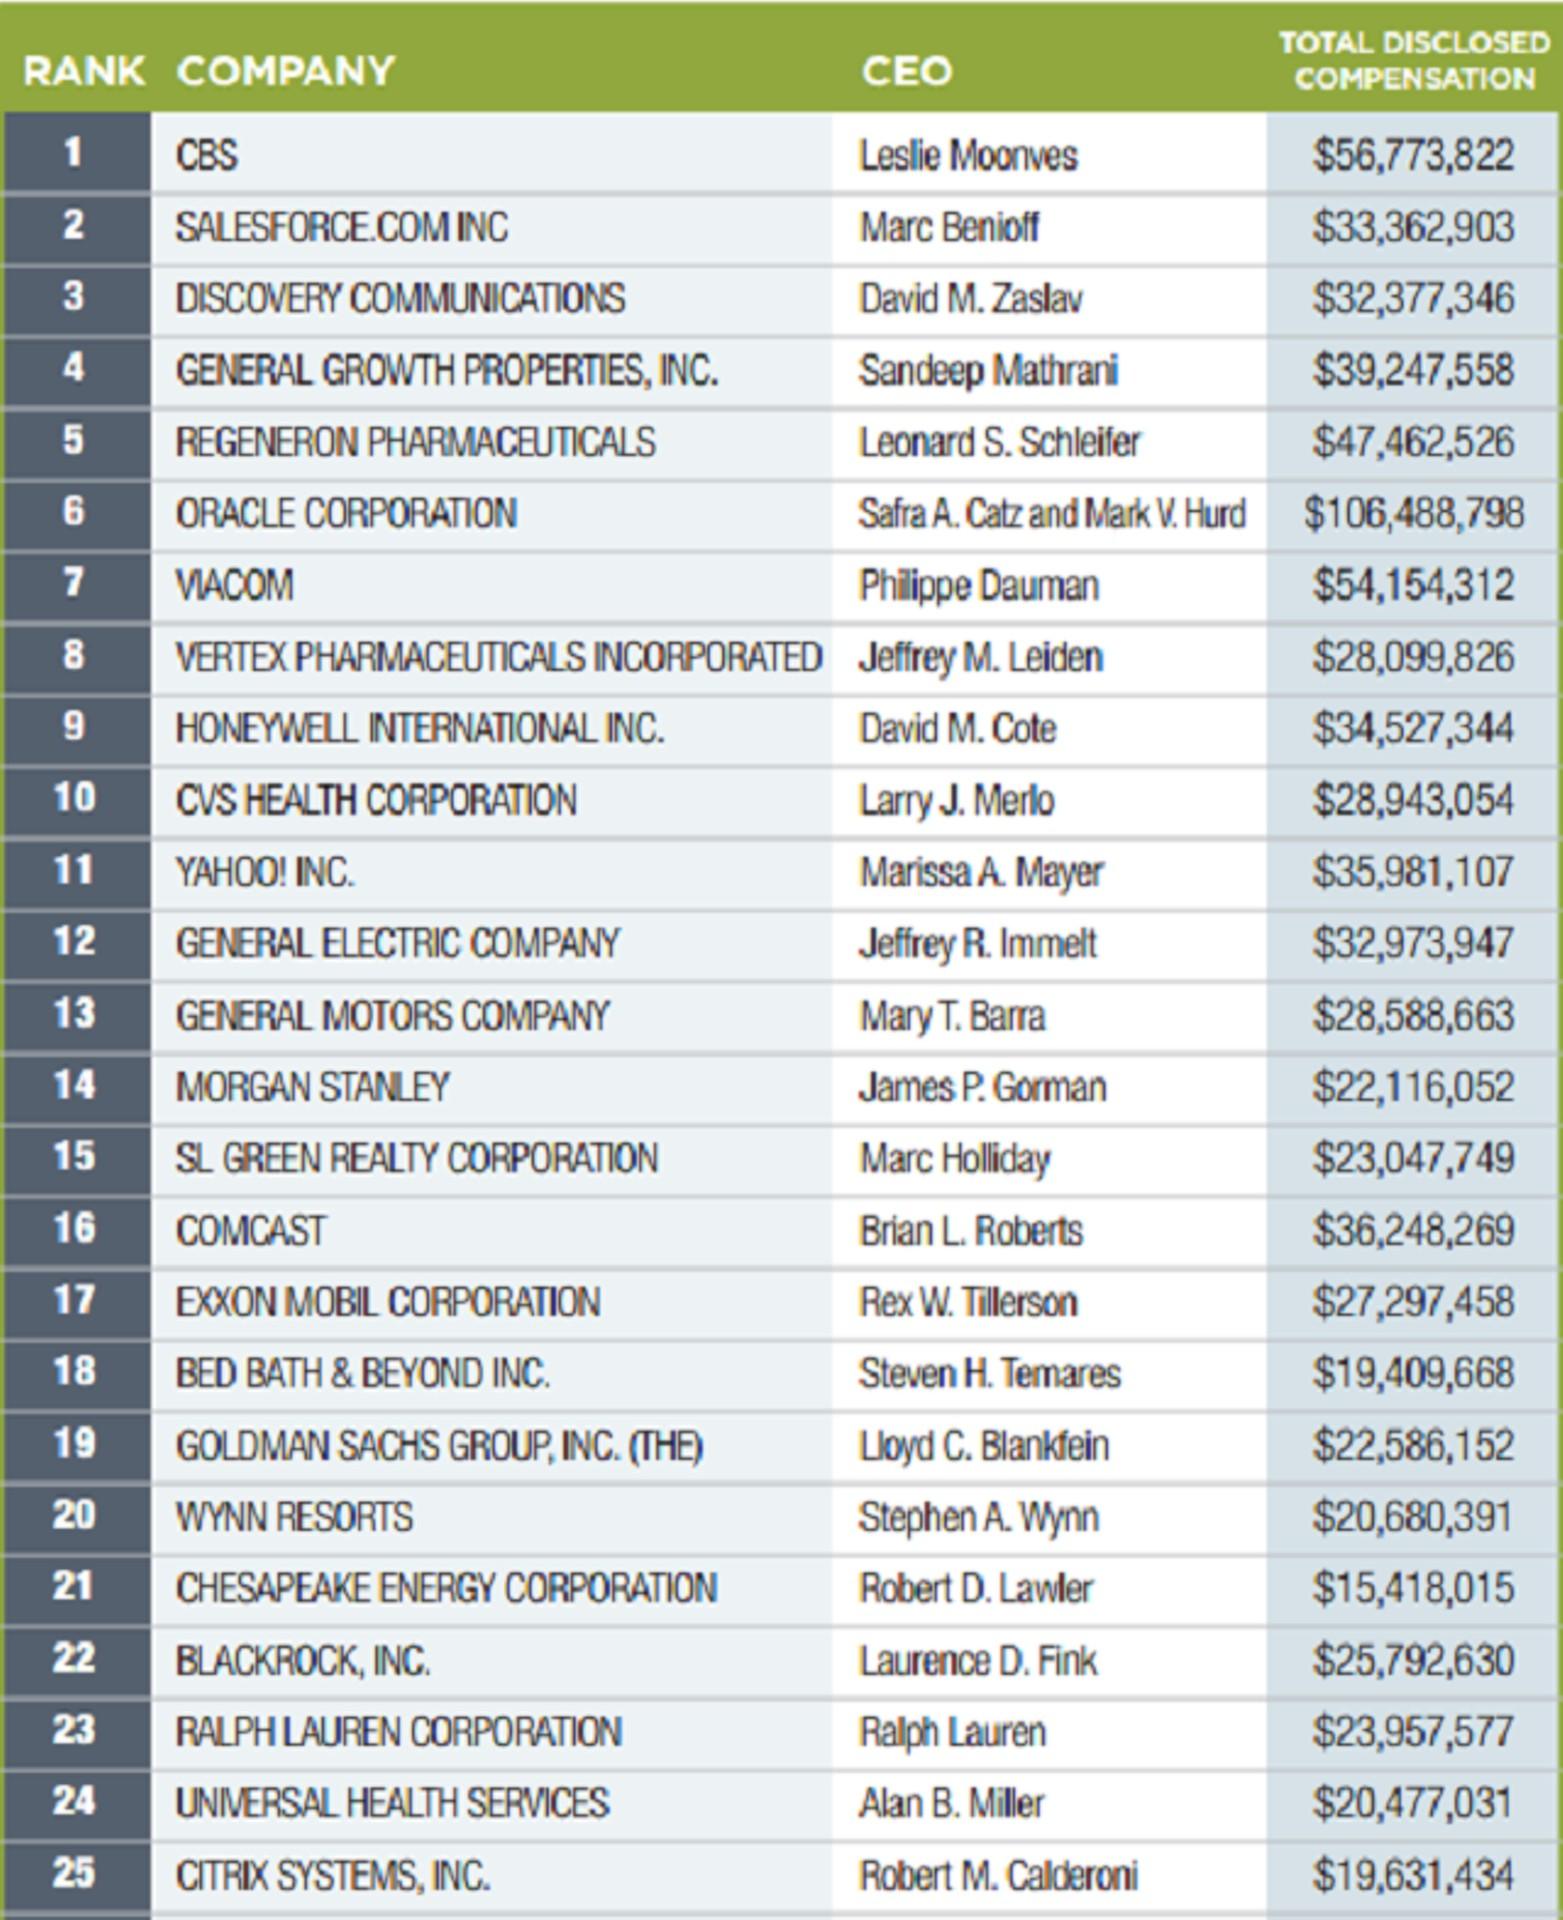 Кому переплачивают компании: 100 самых дорогих CEO